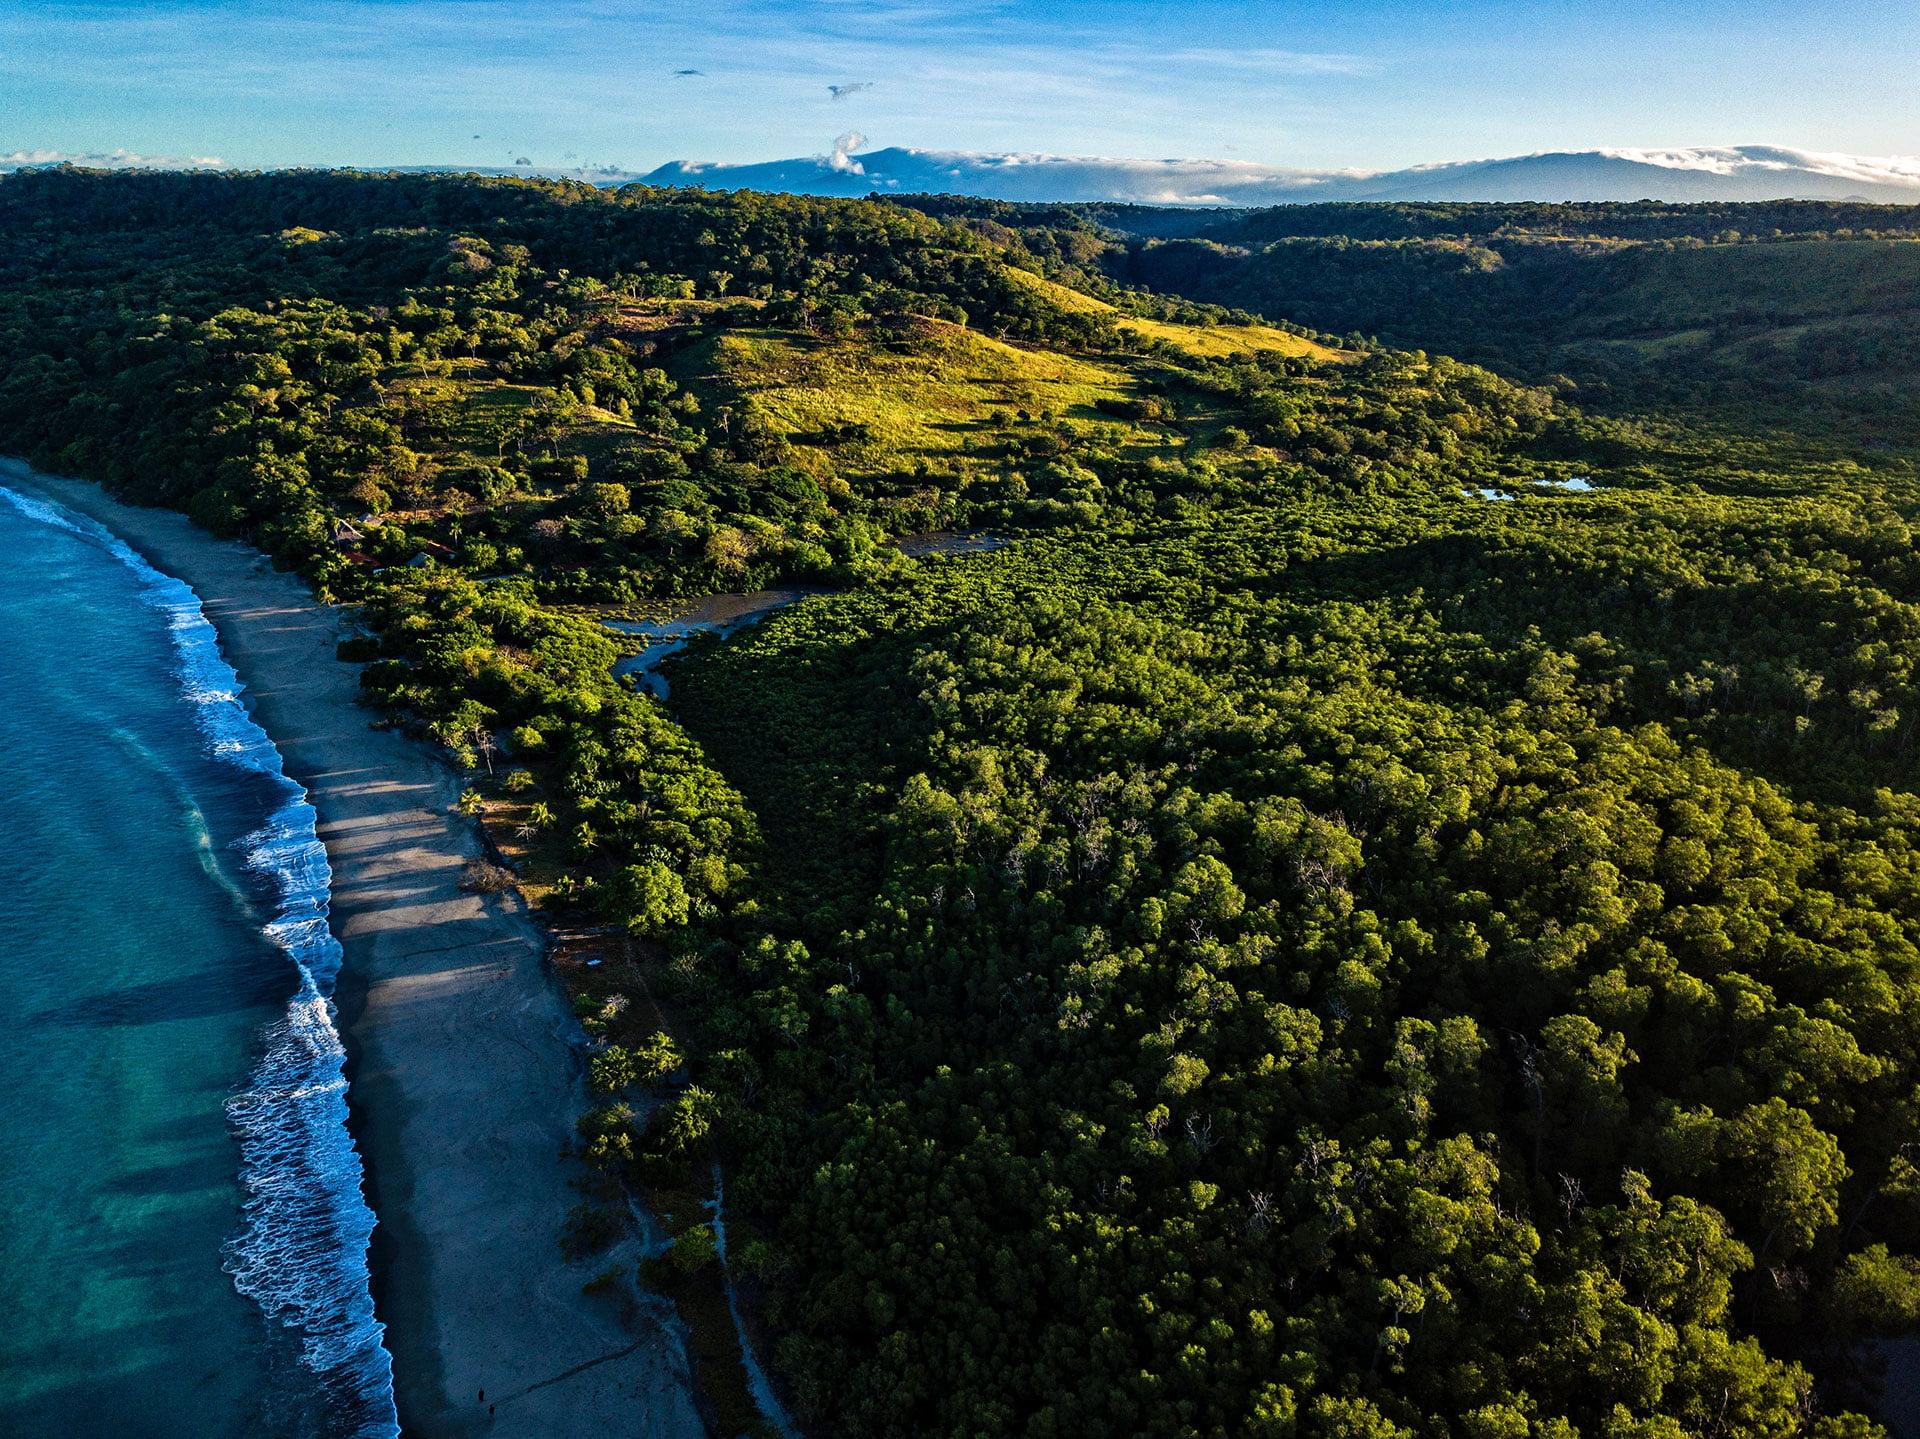 COSTA-RICA-CALLING!